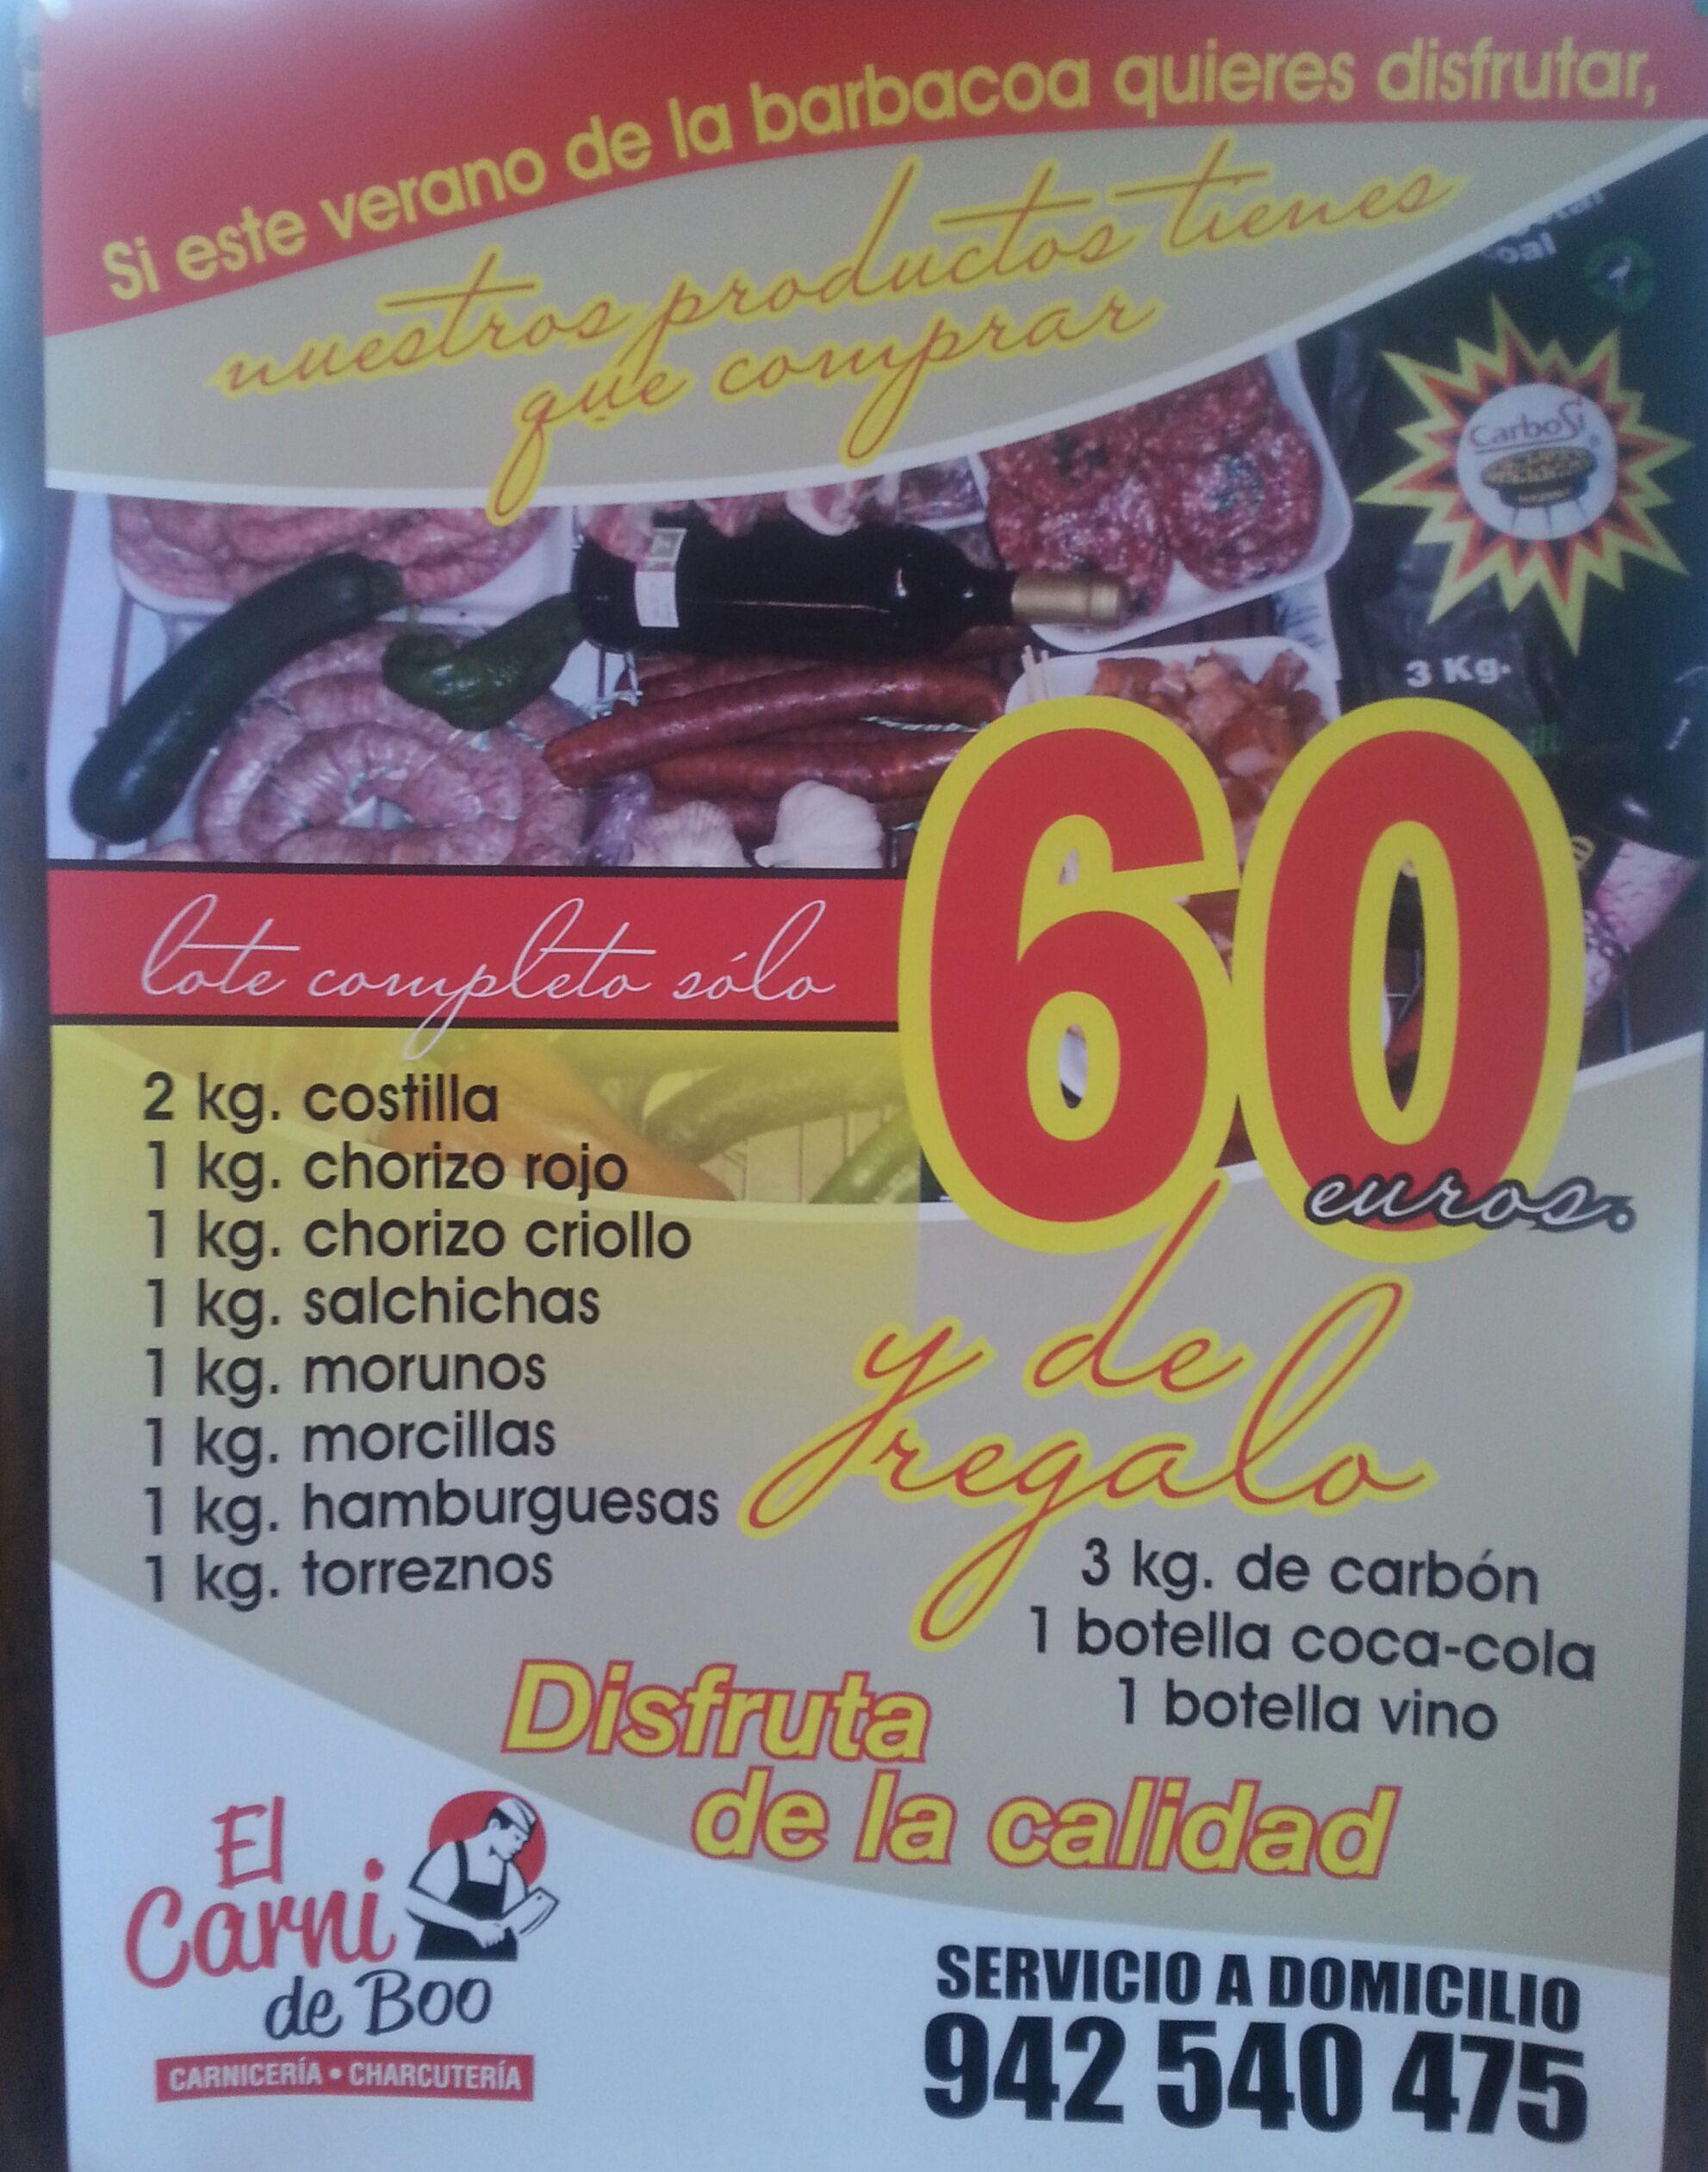 Lote Especial Barbacoa: Productos de El Carni De Boo Carnicería-Charcutería